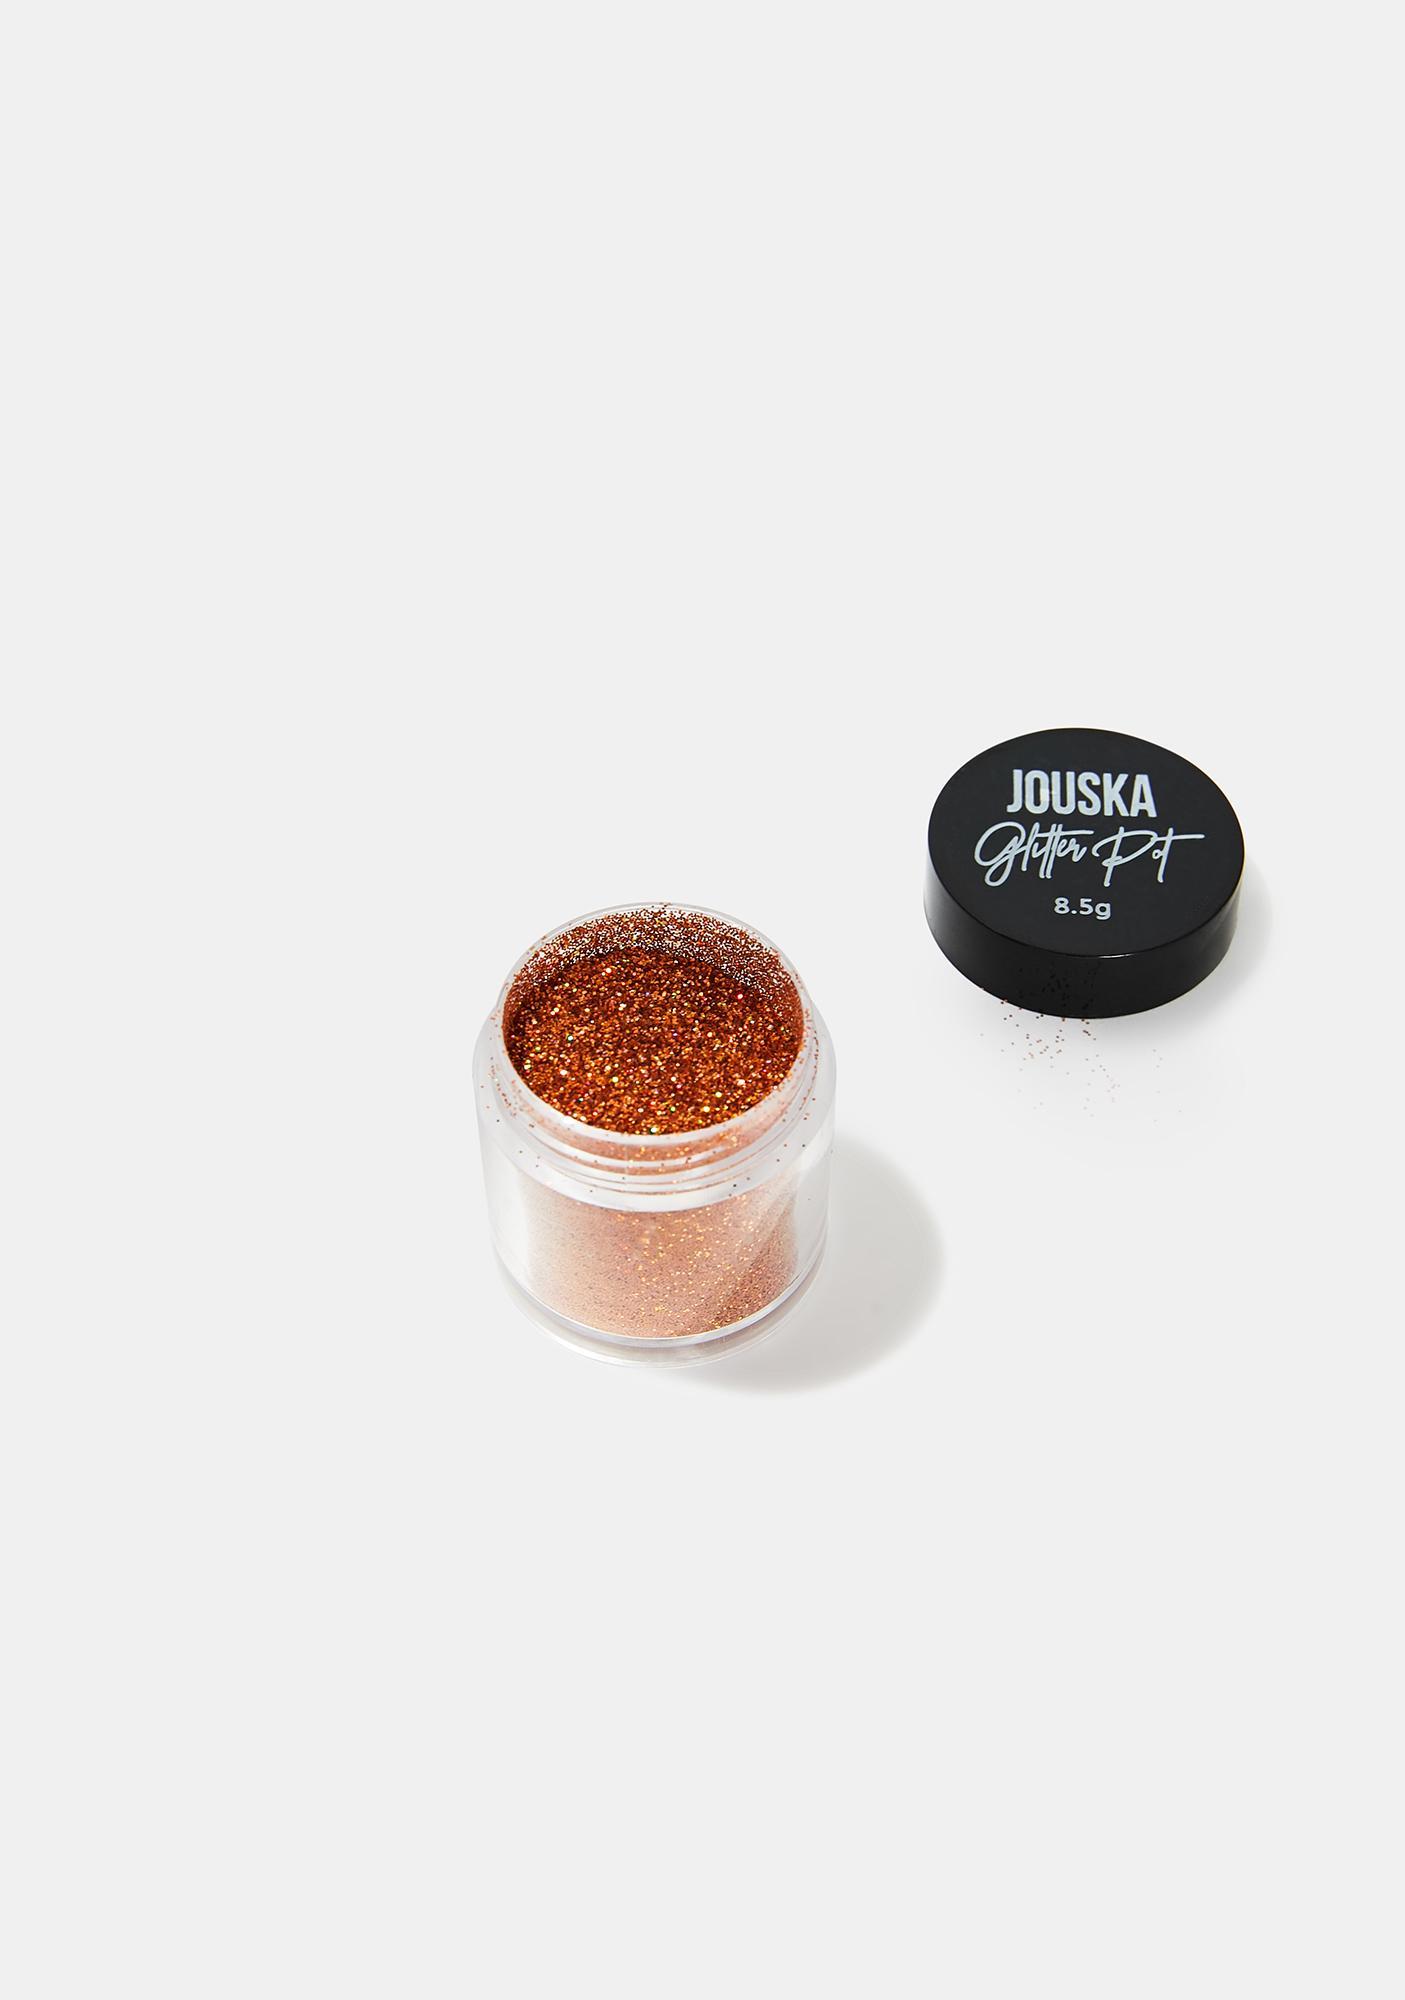 Jouska Cosmetics Naranja Glitter Pot